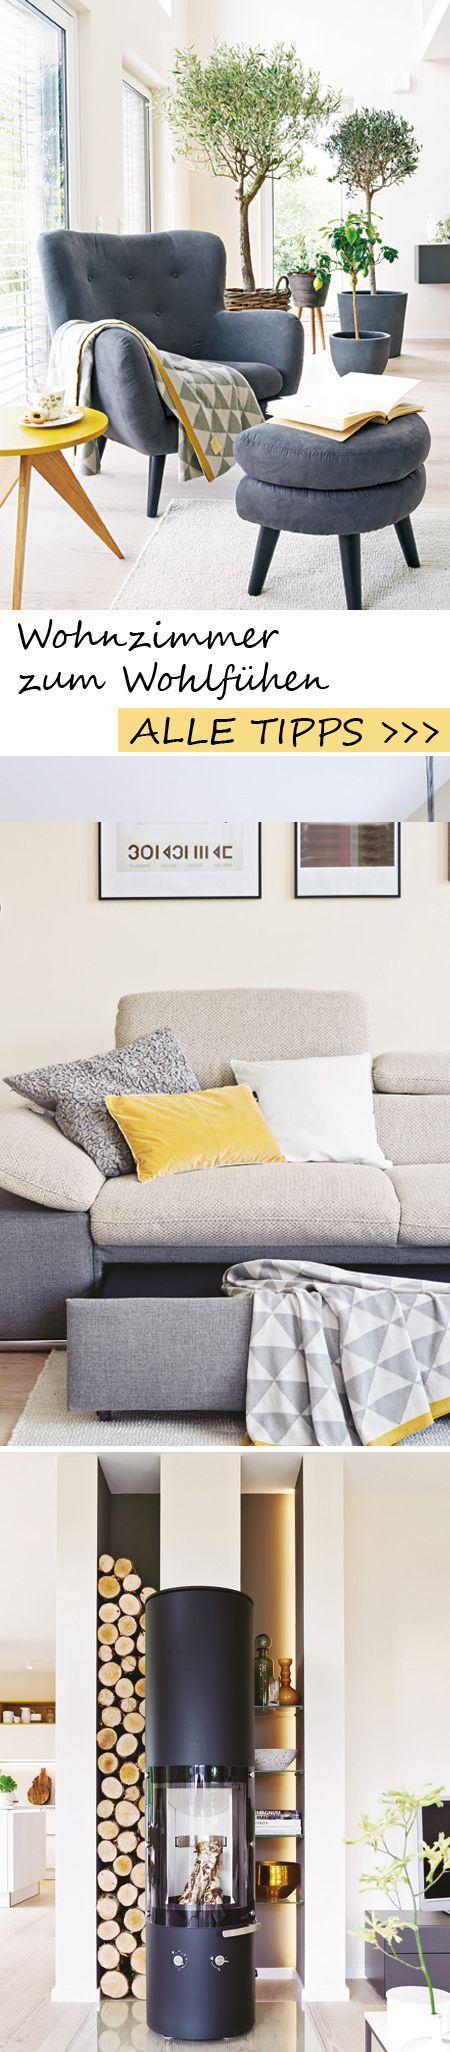 Wohnzimmer mit Wohlfühl-Atmosphäre | Pinterest | Große fenster ...